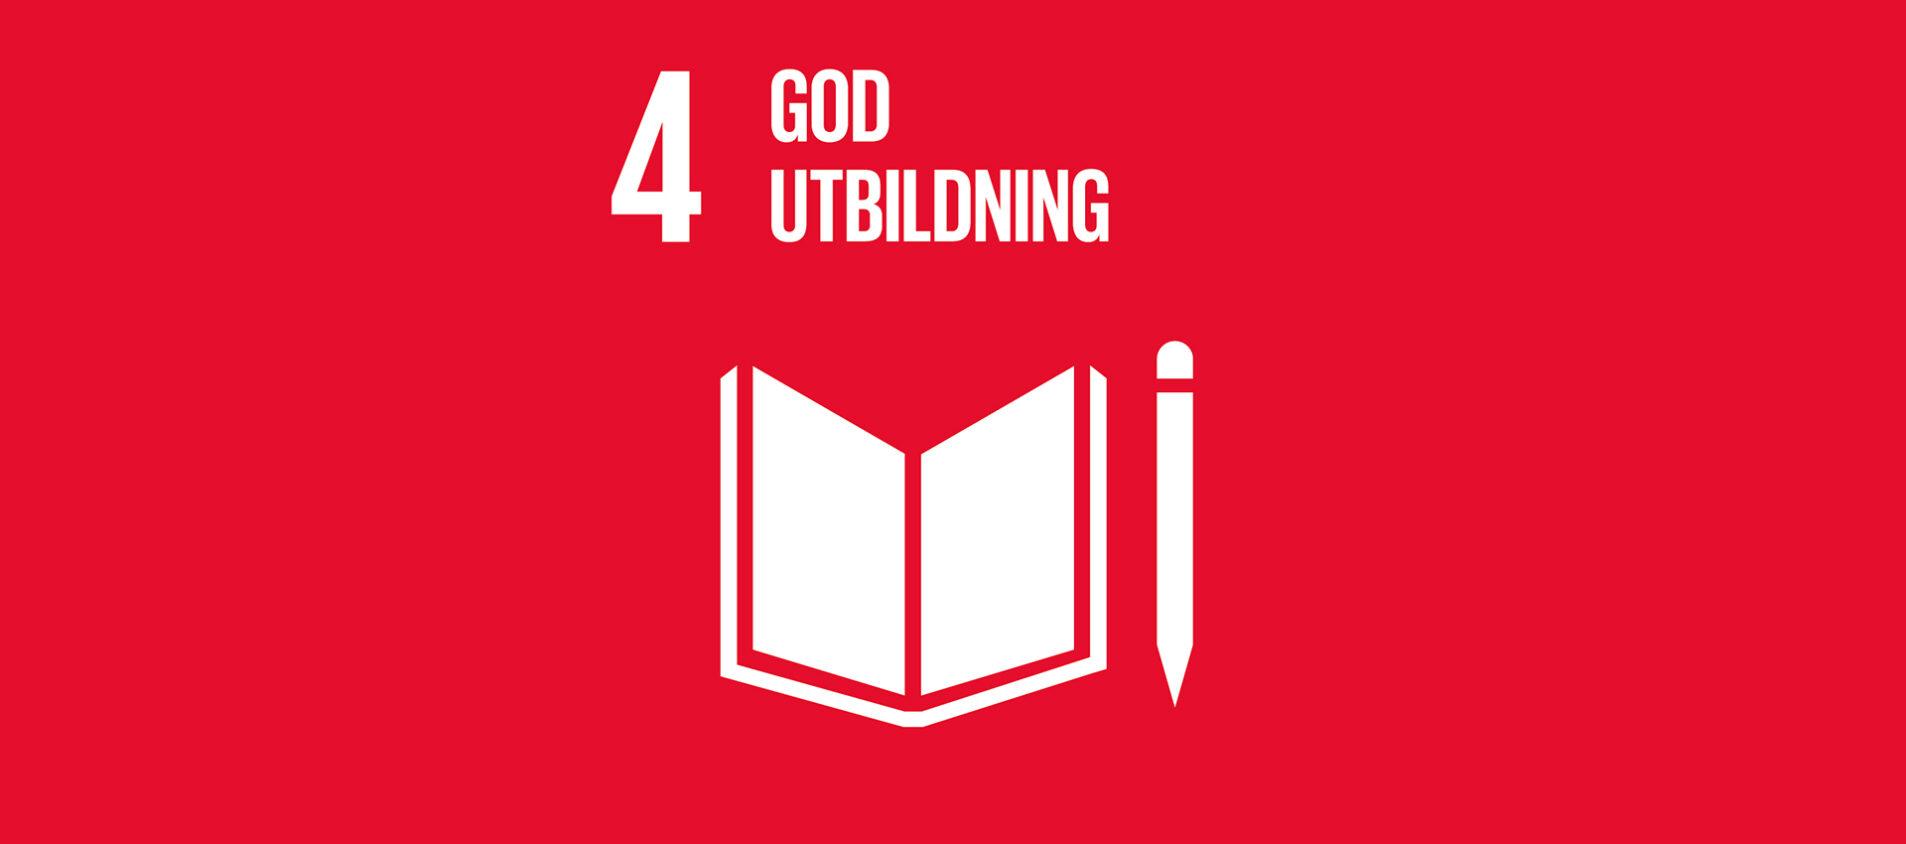 Globala målen 4 - God utbildning för alla